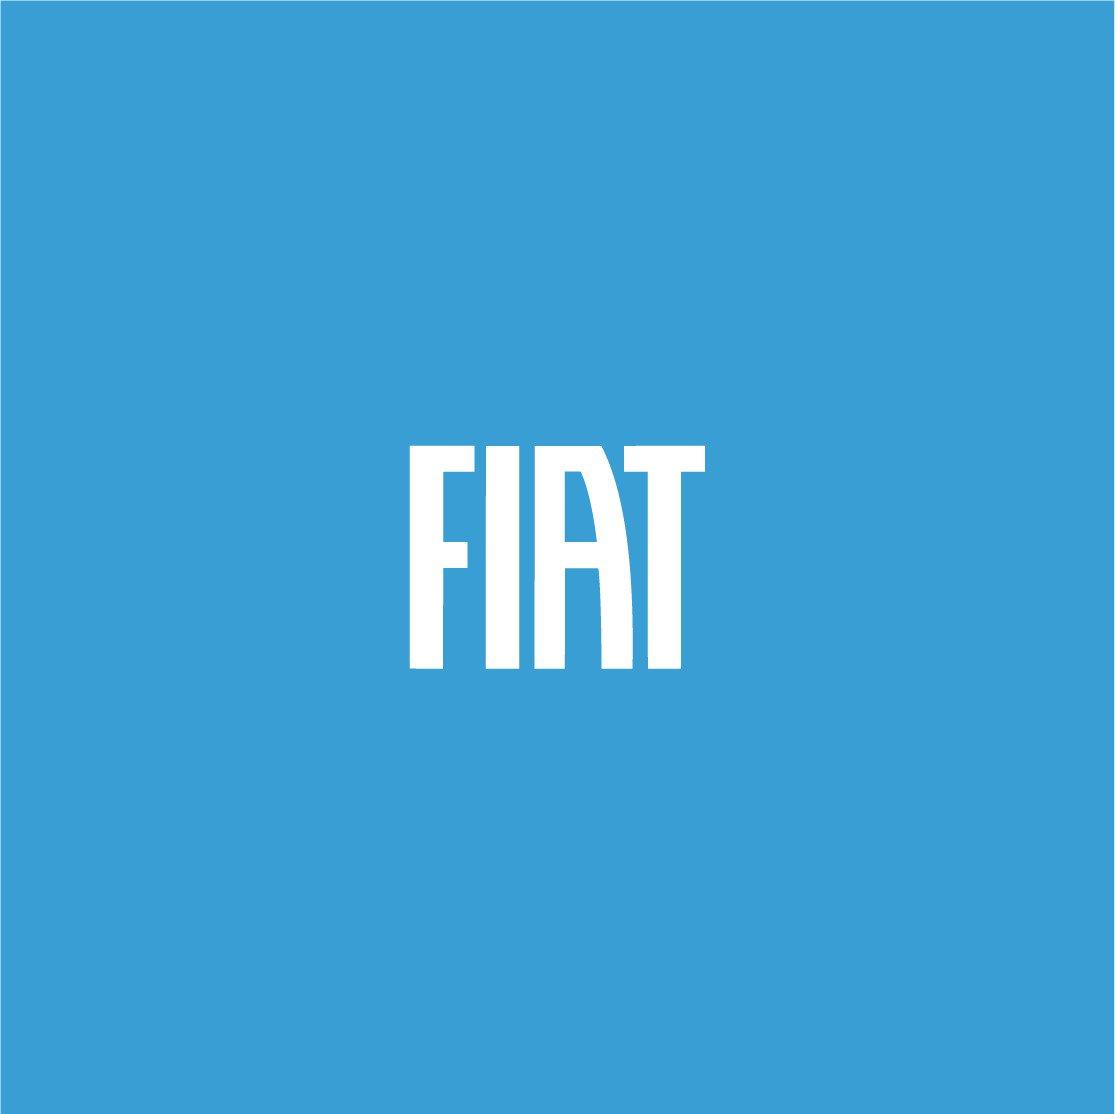 Fiat saluda a @RacingClub por sus 1️⃣1️⃣6️⃣años haciendo historia. #FelizCumpleRacing🎂 #TeamFiat 💪 #Racing116años https://t.co/vykUQOF2bz